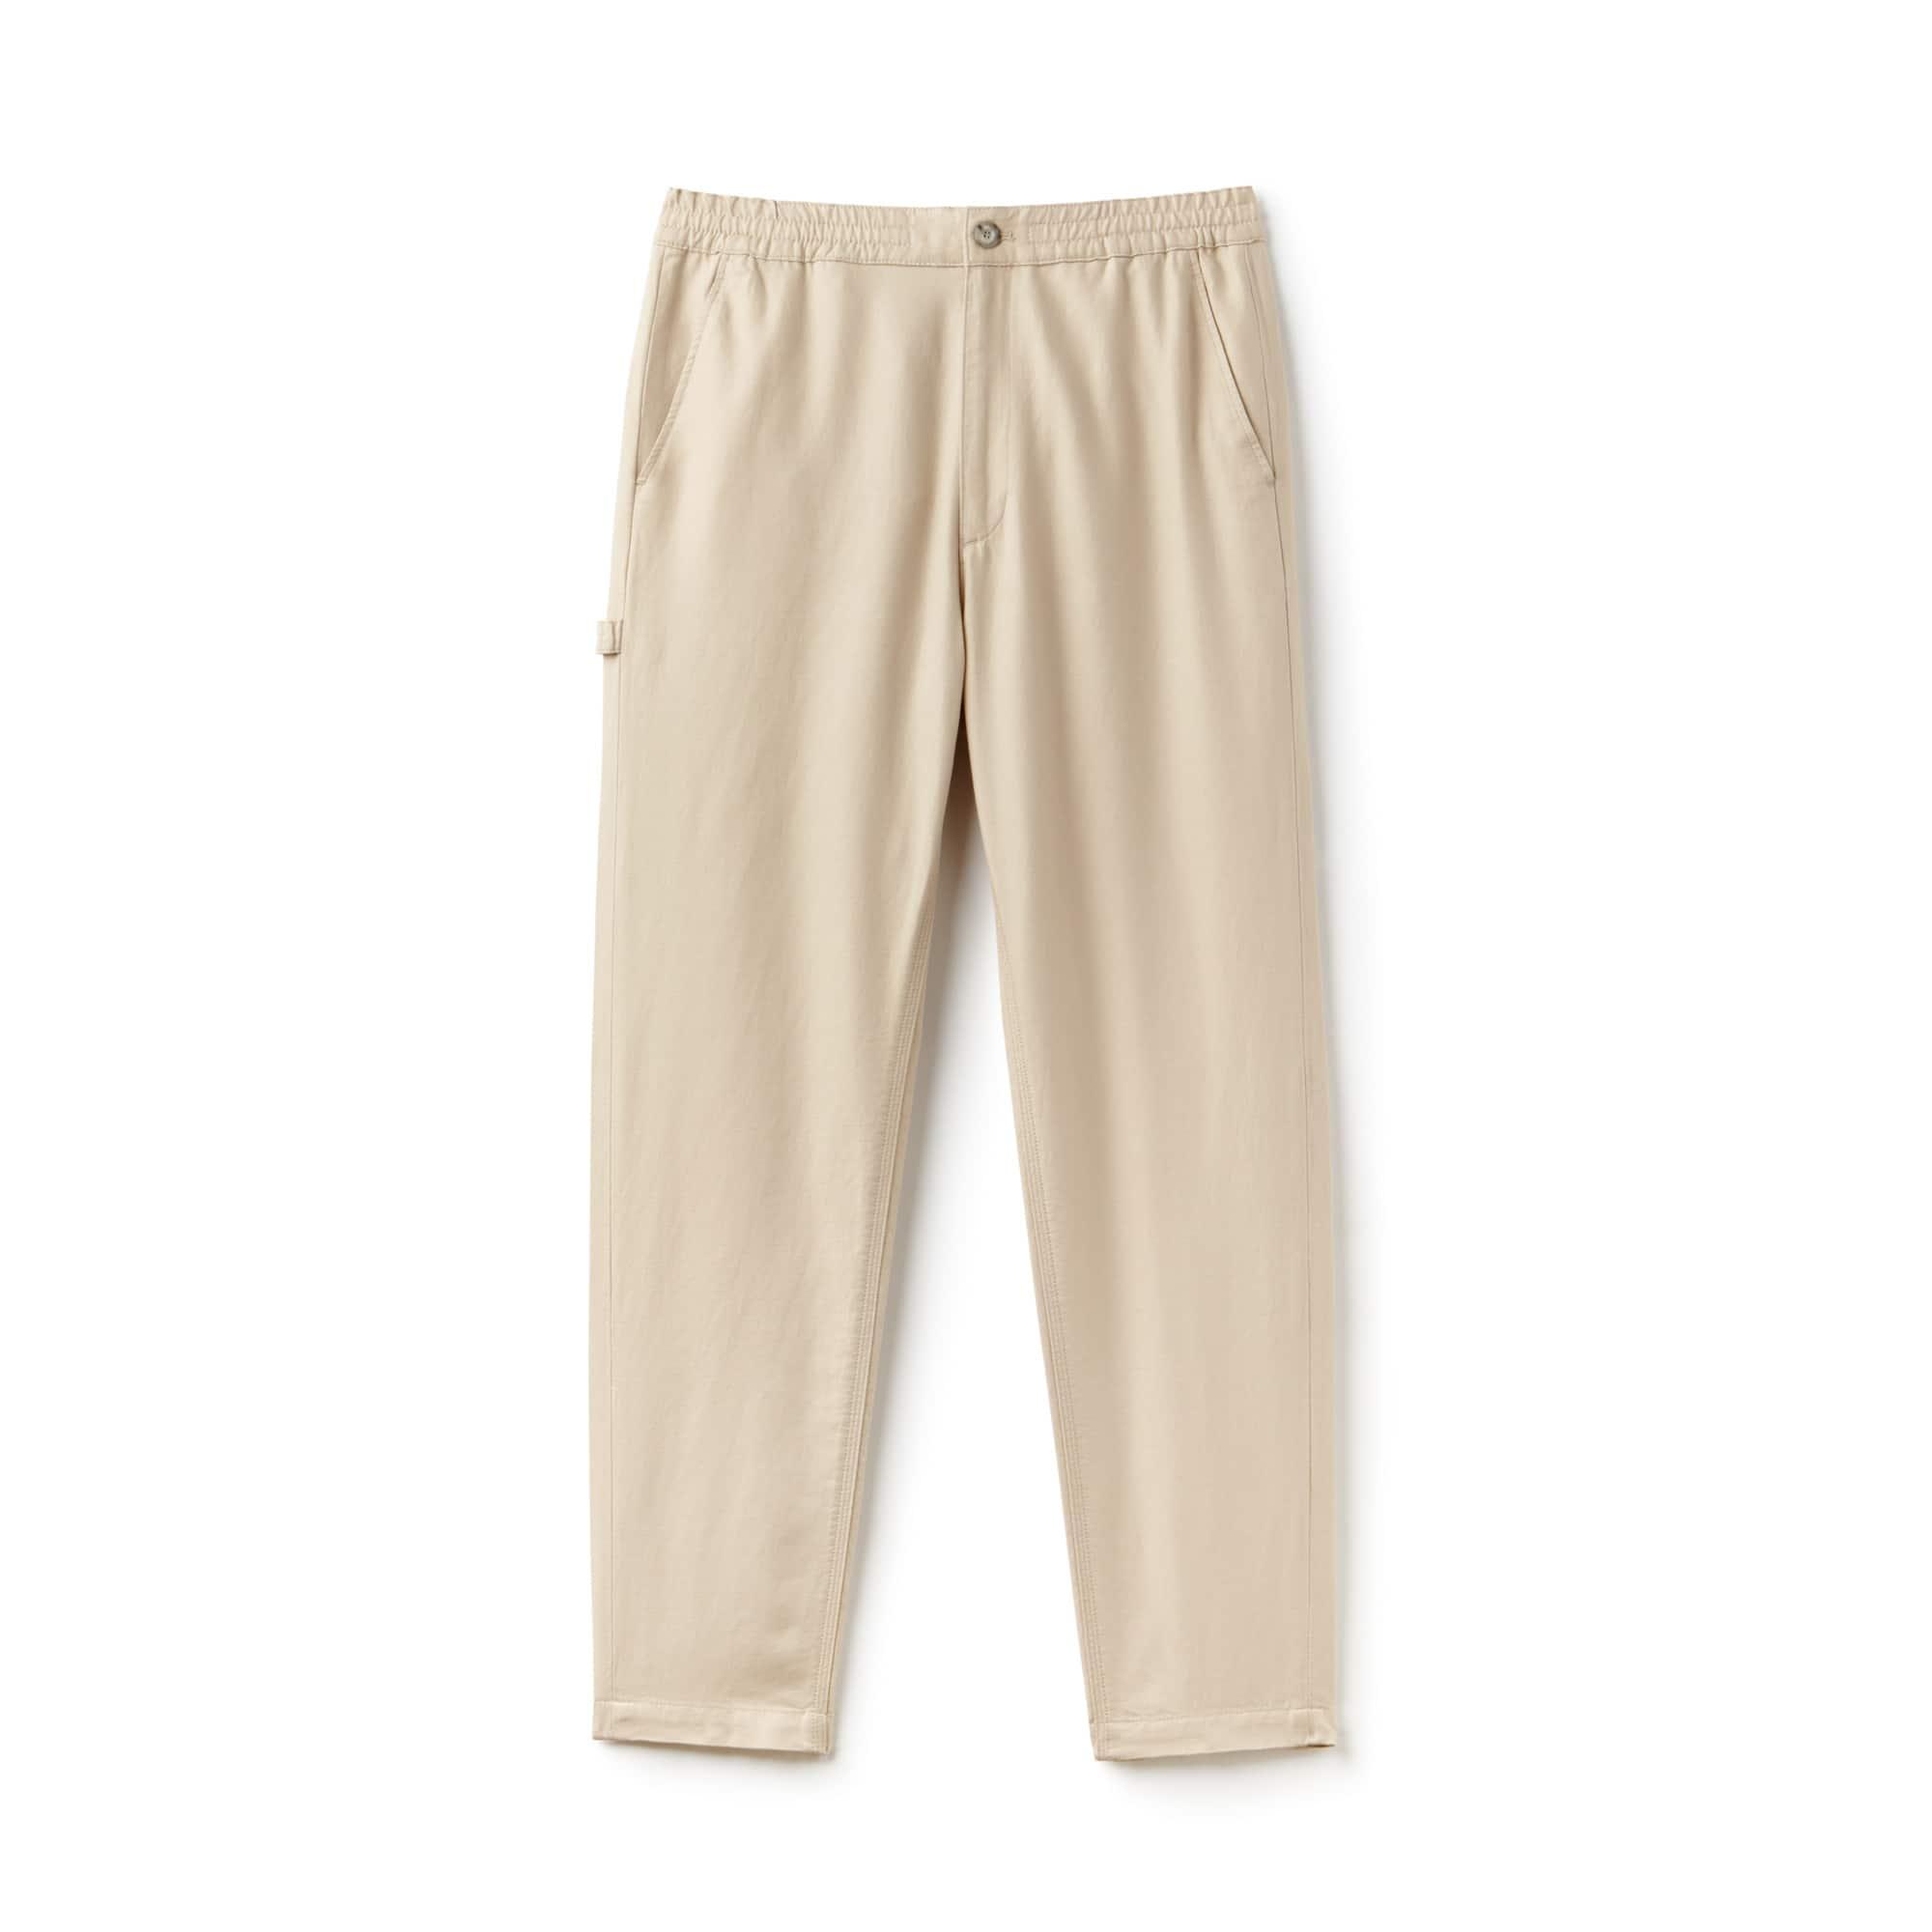 Pantalón chino de sarga de algodón y lino lisa